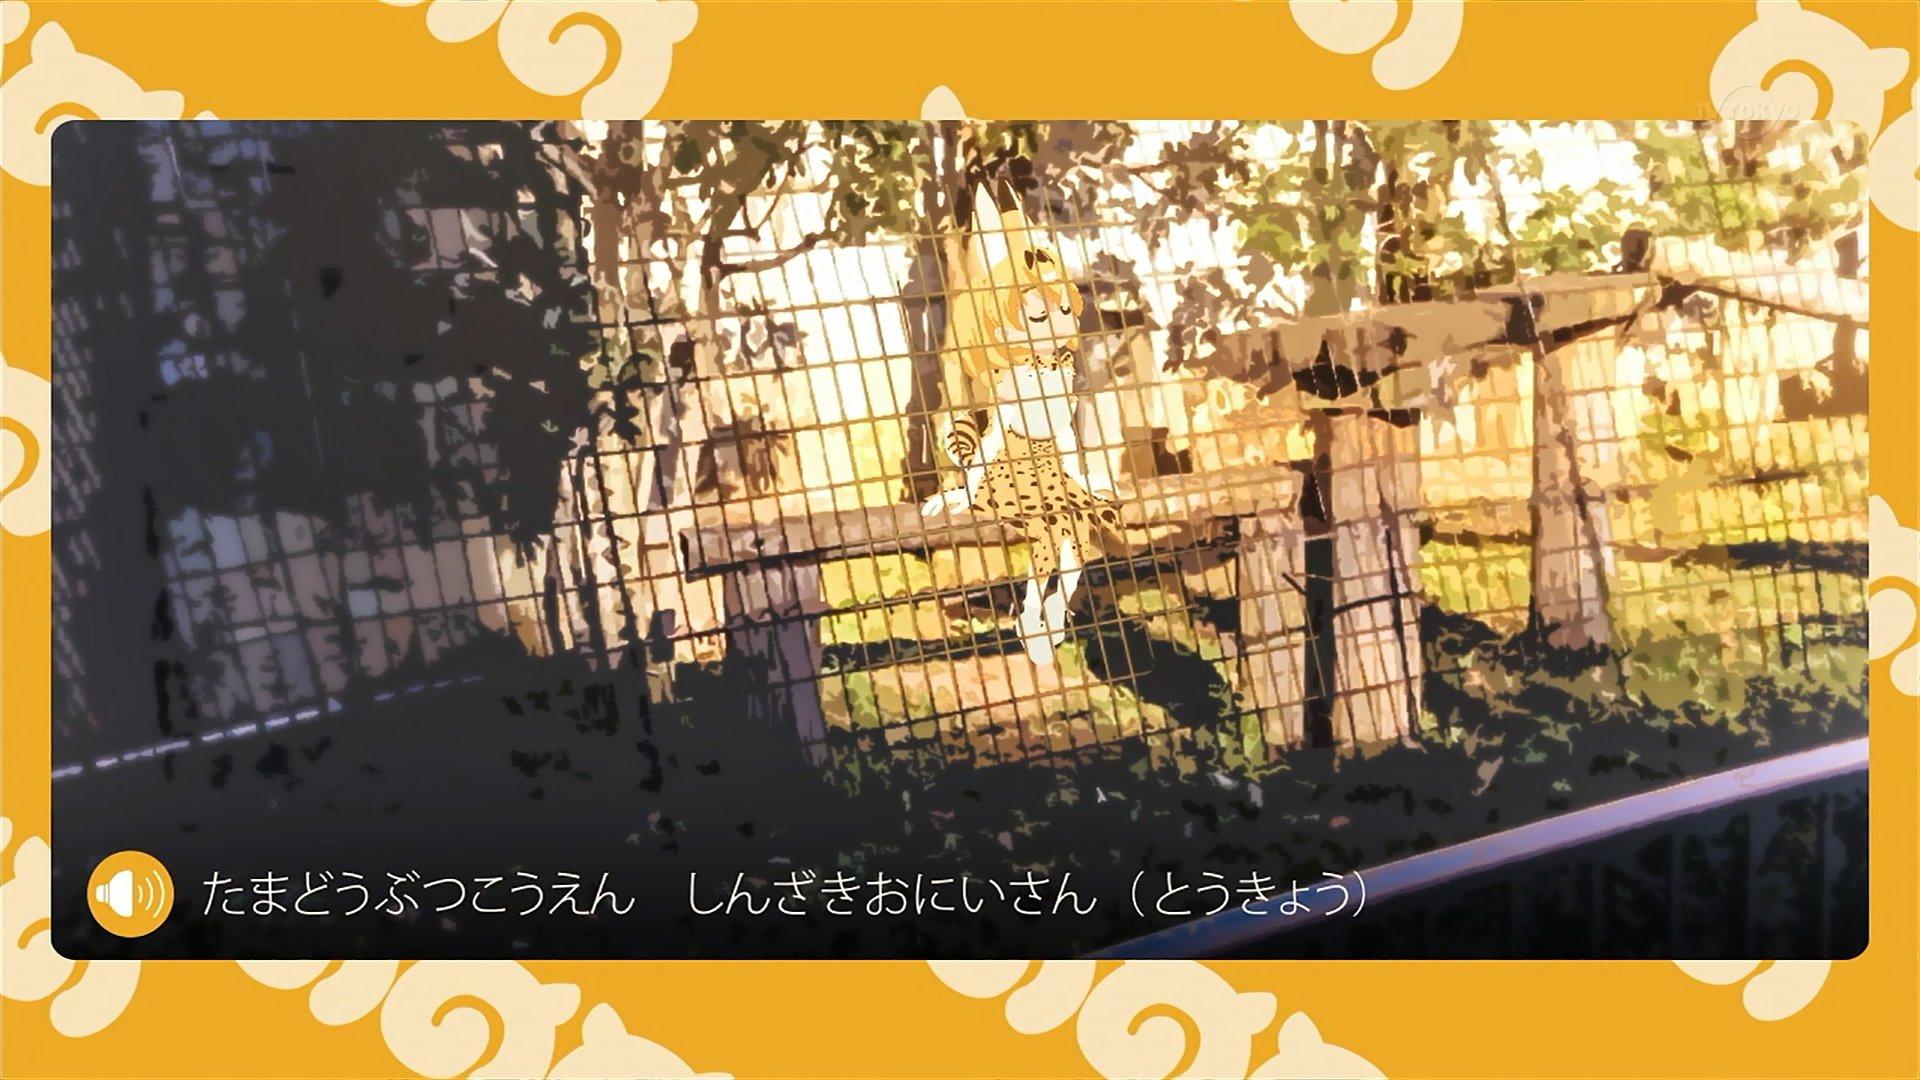 謎の解説パート #tvtokyo #けもフレ https://t.co/N1OuV4cf66